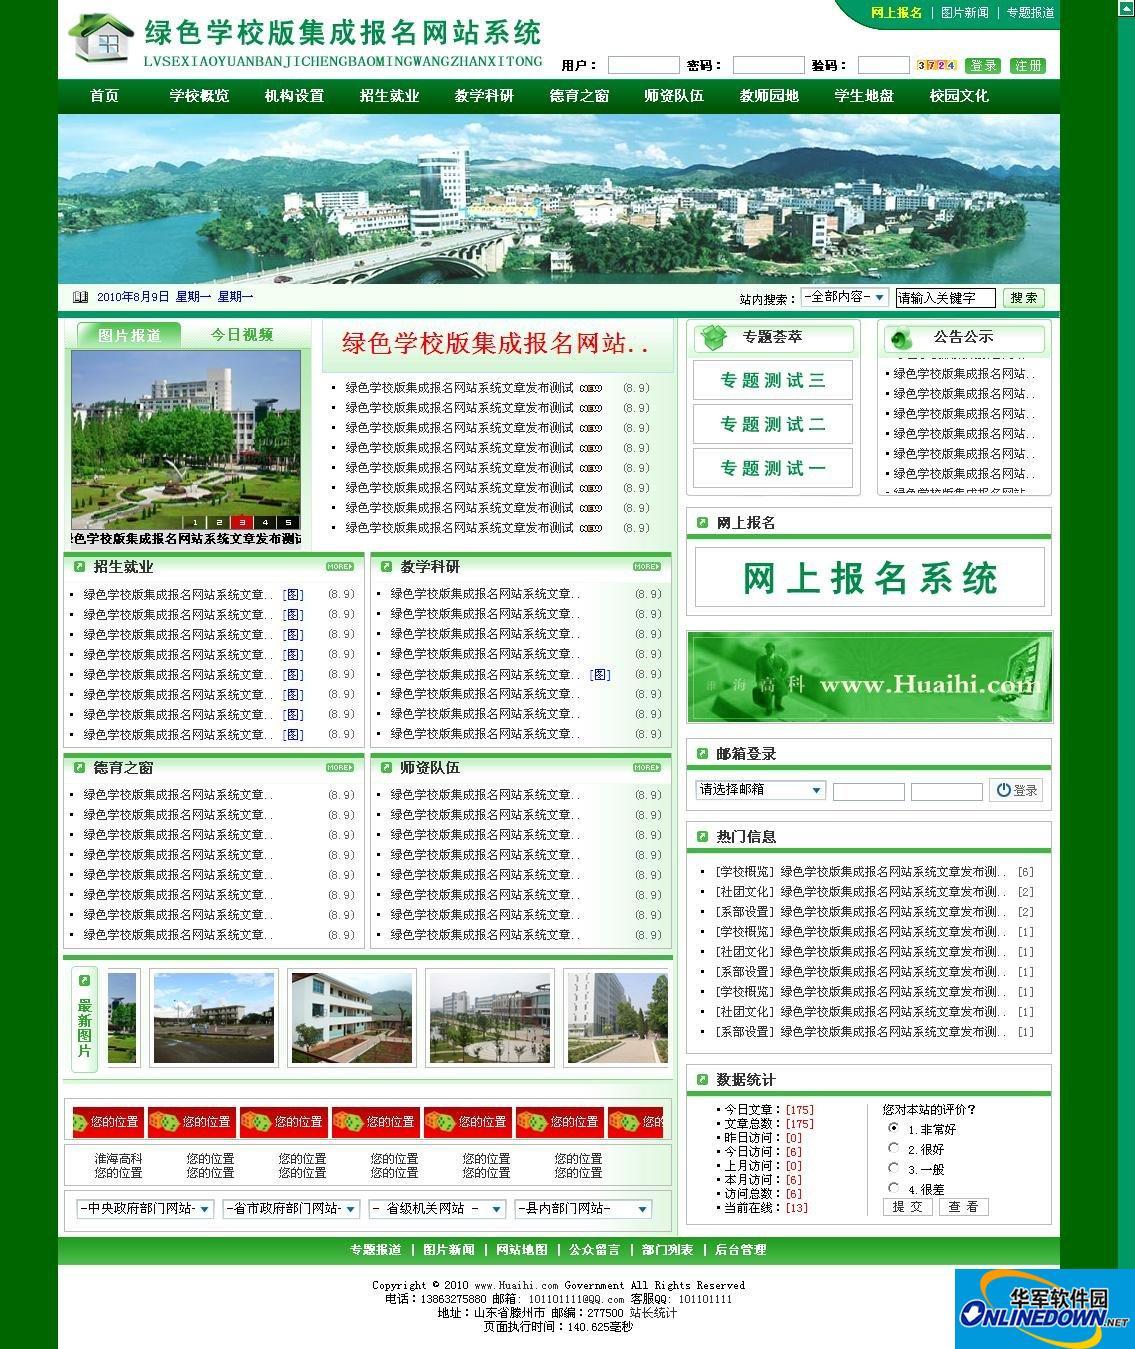 绿色学校版集成报名网站系统 PC版